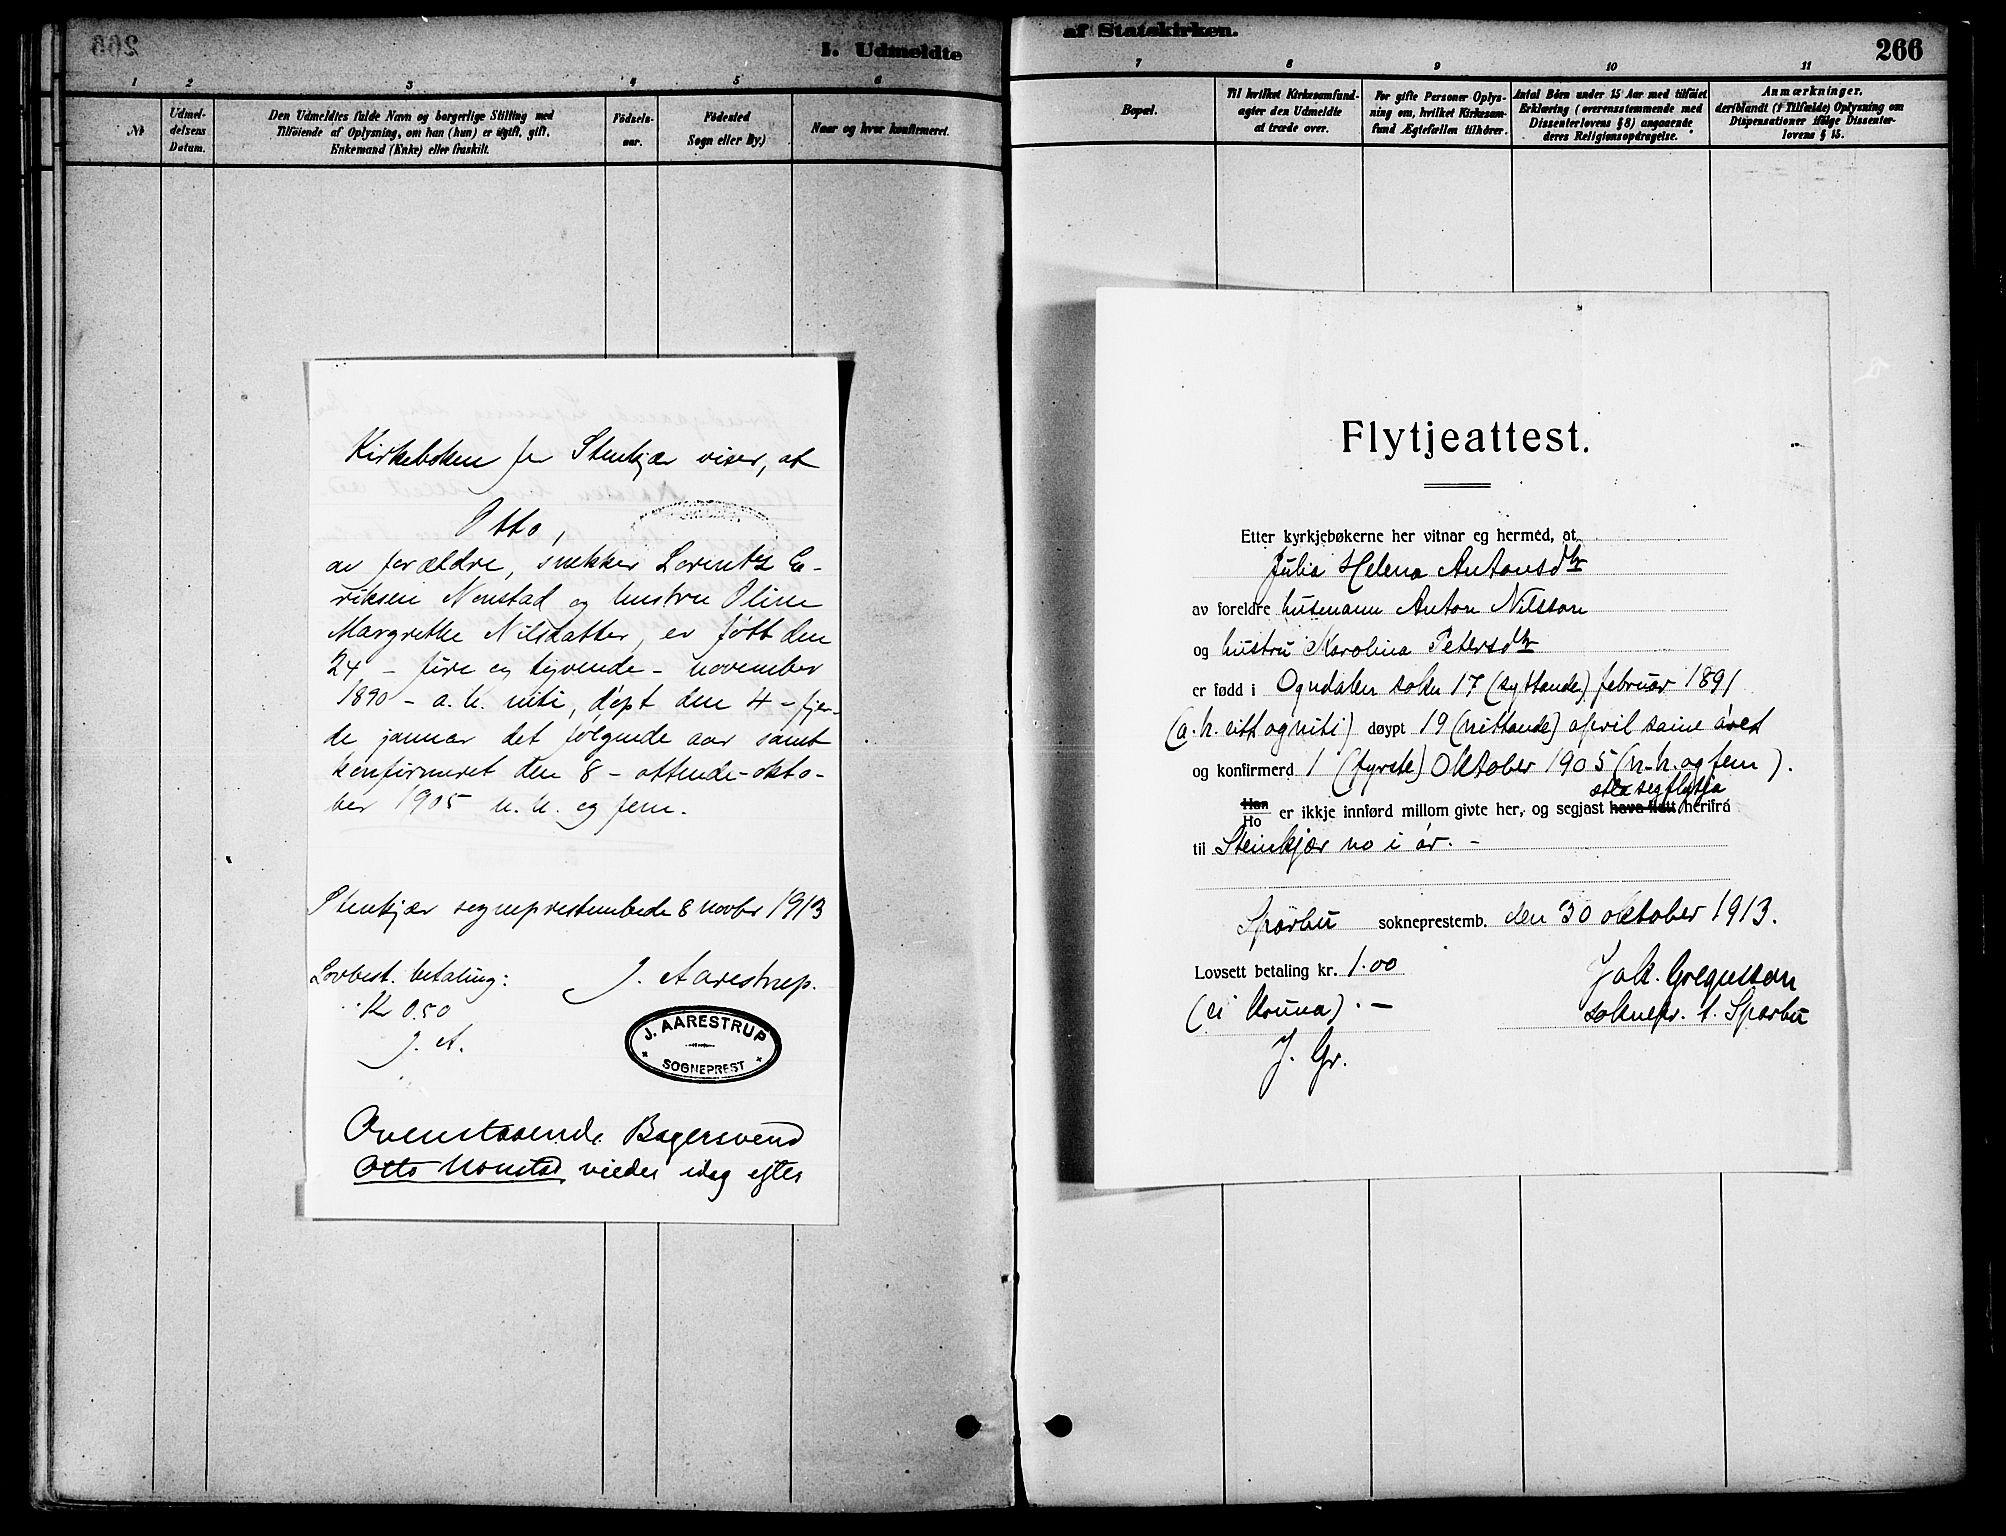 SAT, Ministerialprotokoller, klokkerbøker og fødselsregistre - Nord-Trøndelag, 739/L0371: Ministerialbok nr. 739A03, 1881-1895, s. 266